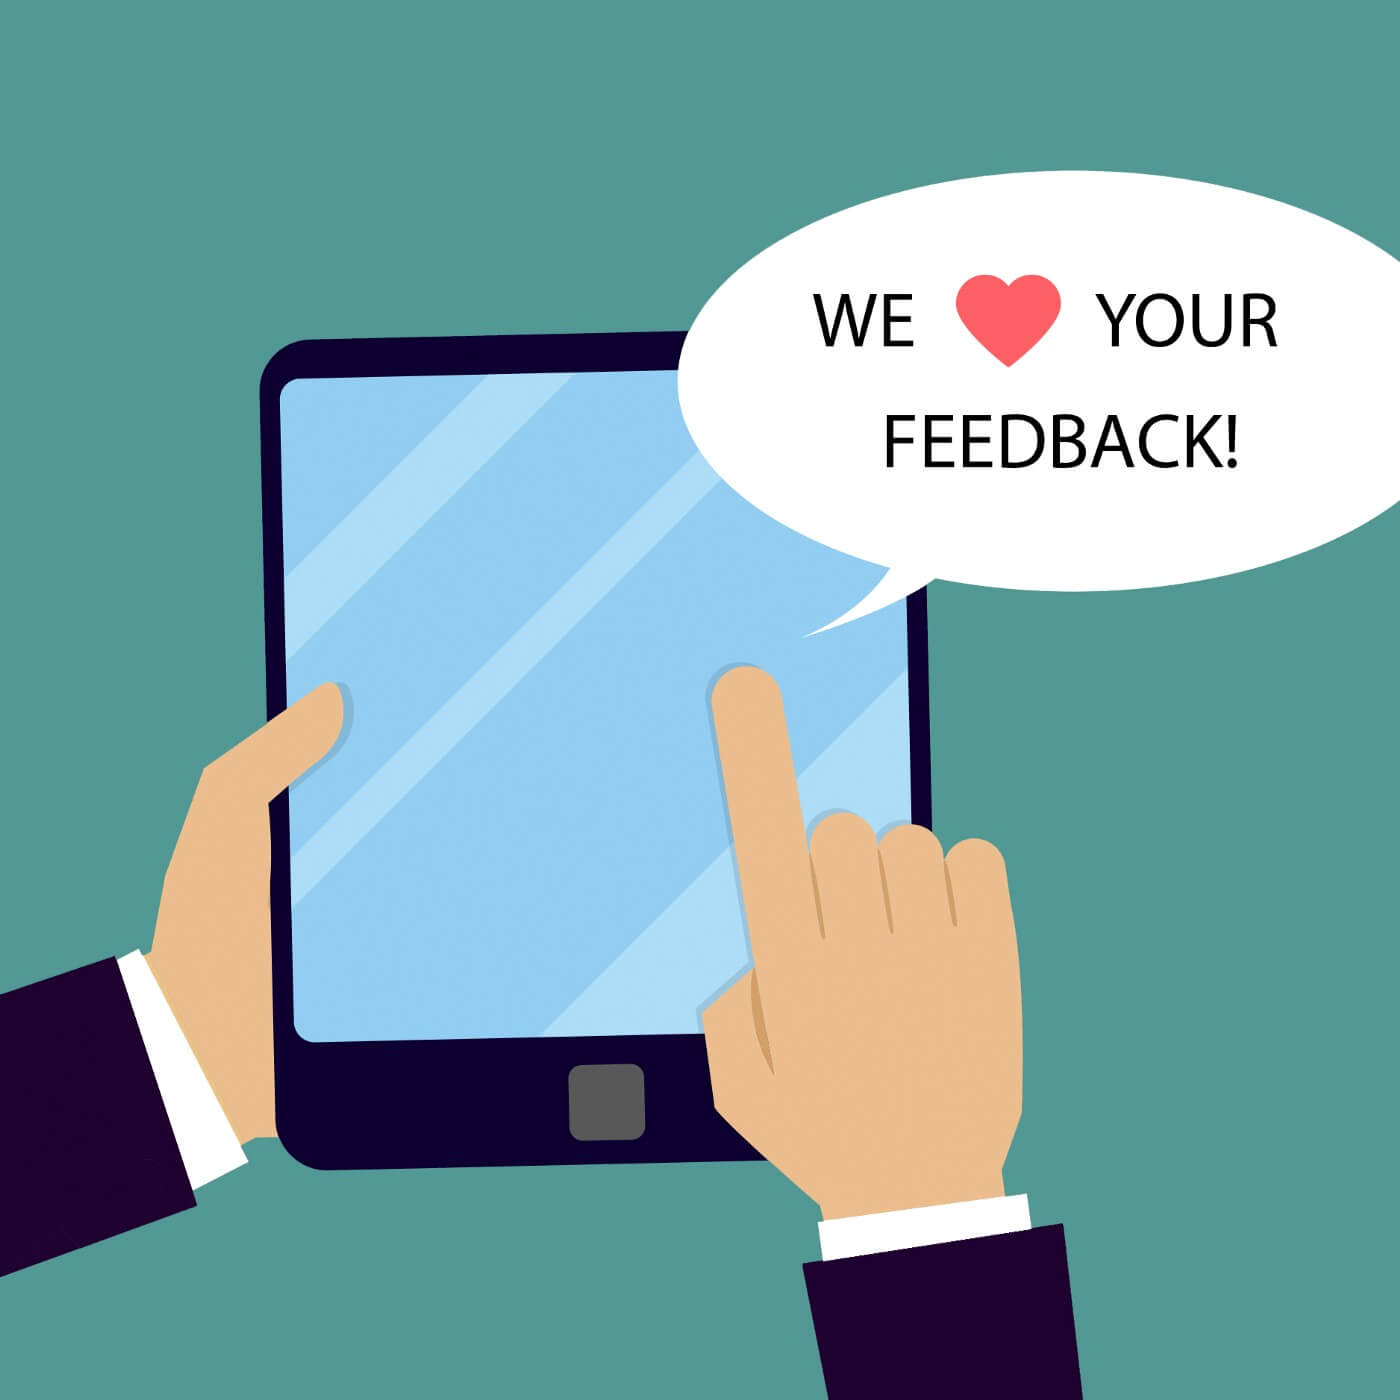 NPS feedback